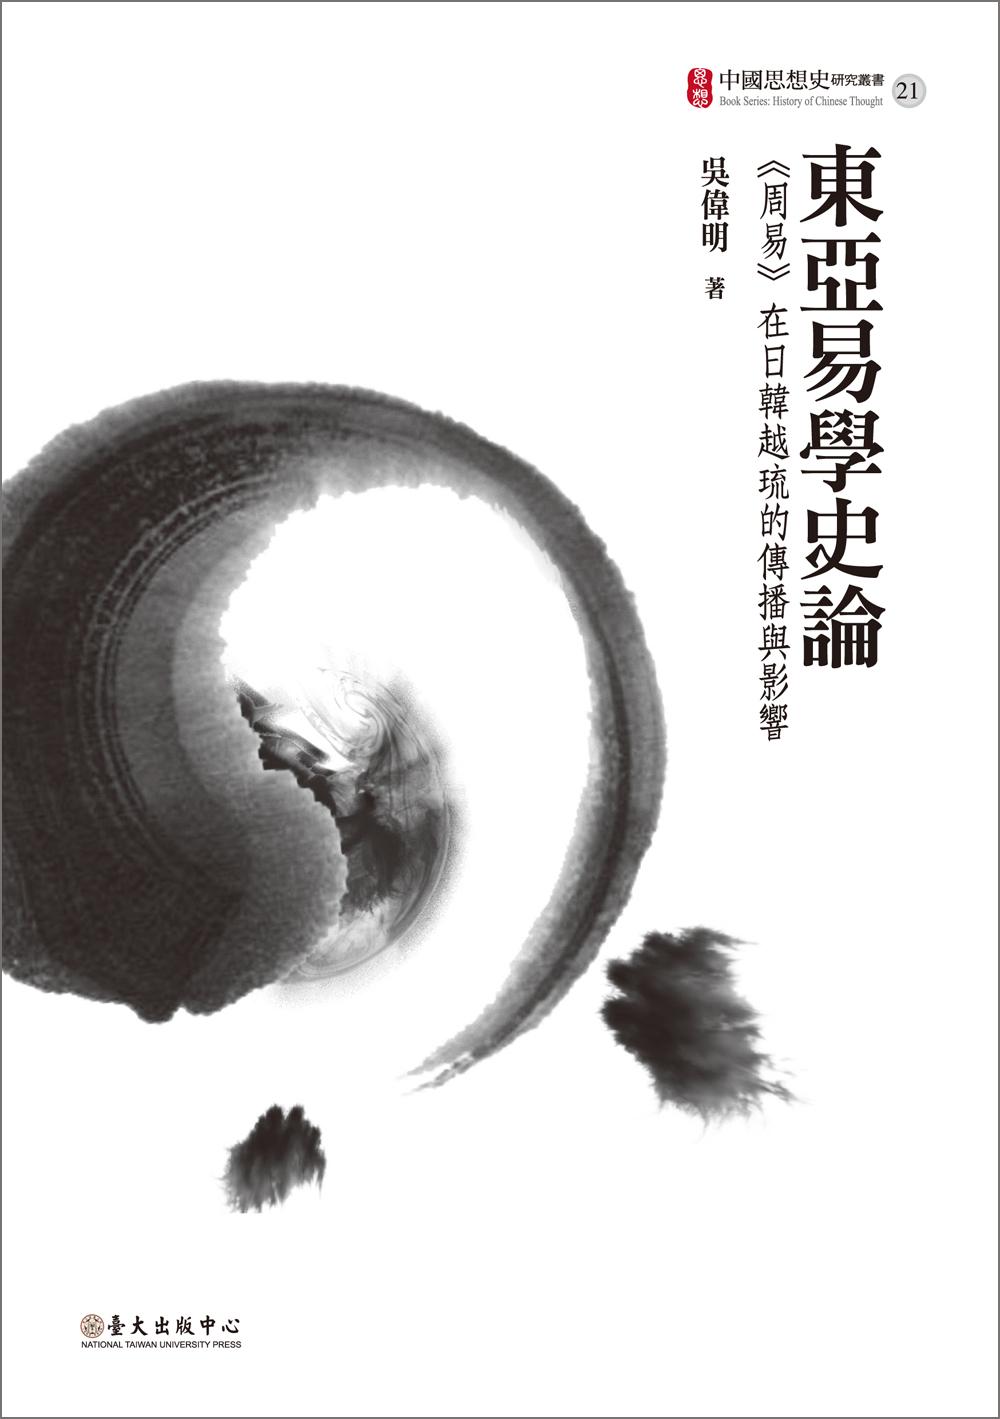 東亞易學史論——《周易》在日韓越琉的傳播與影響